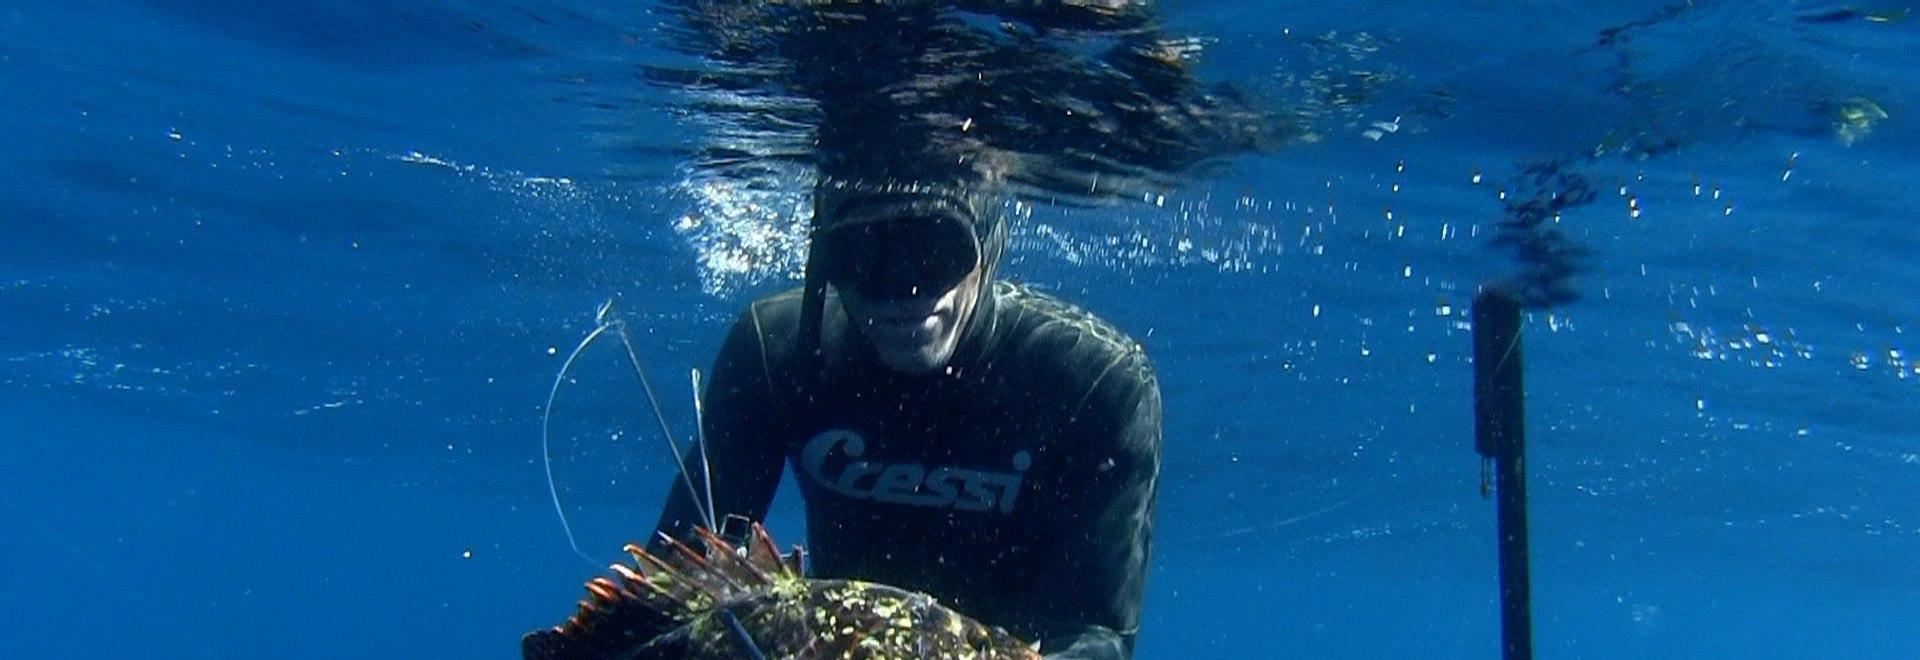 Il meglio di... I vagabondi della pesca in apnea. 2a parte